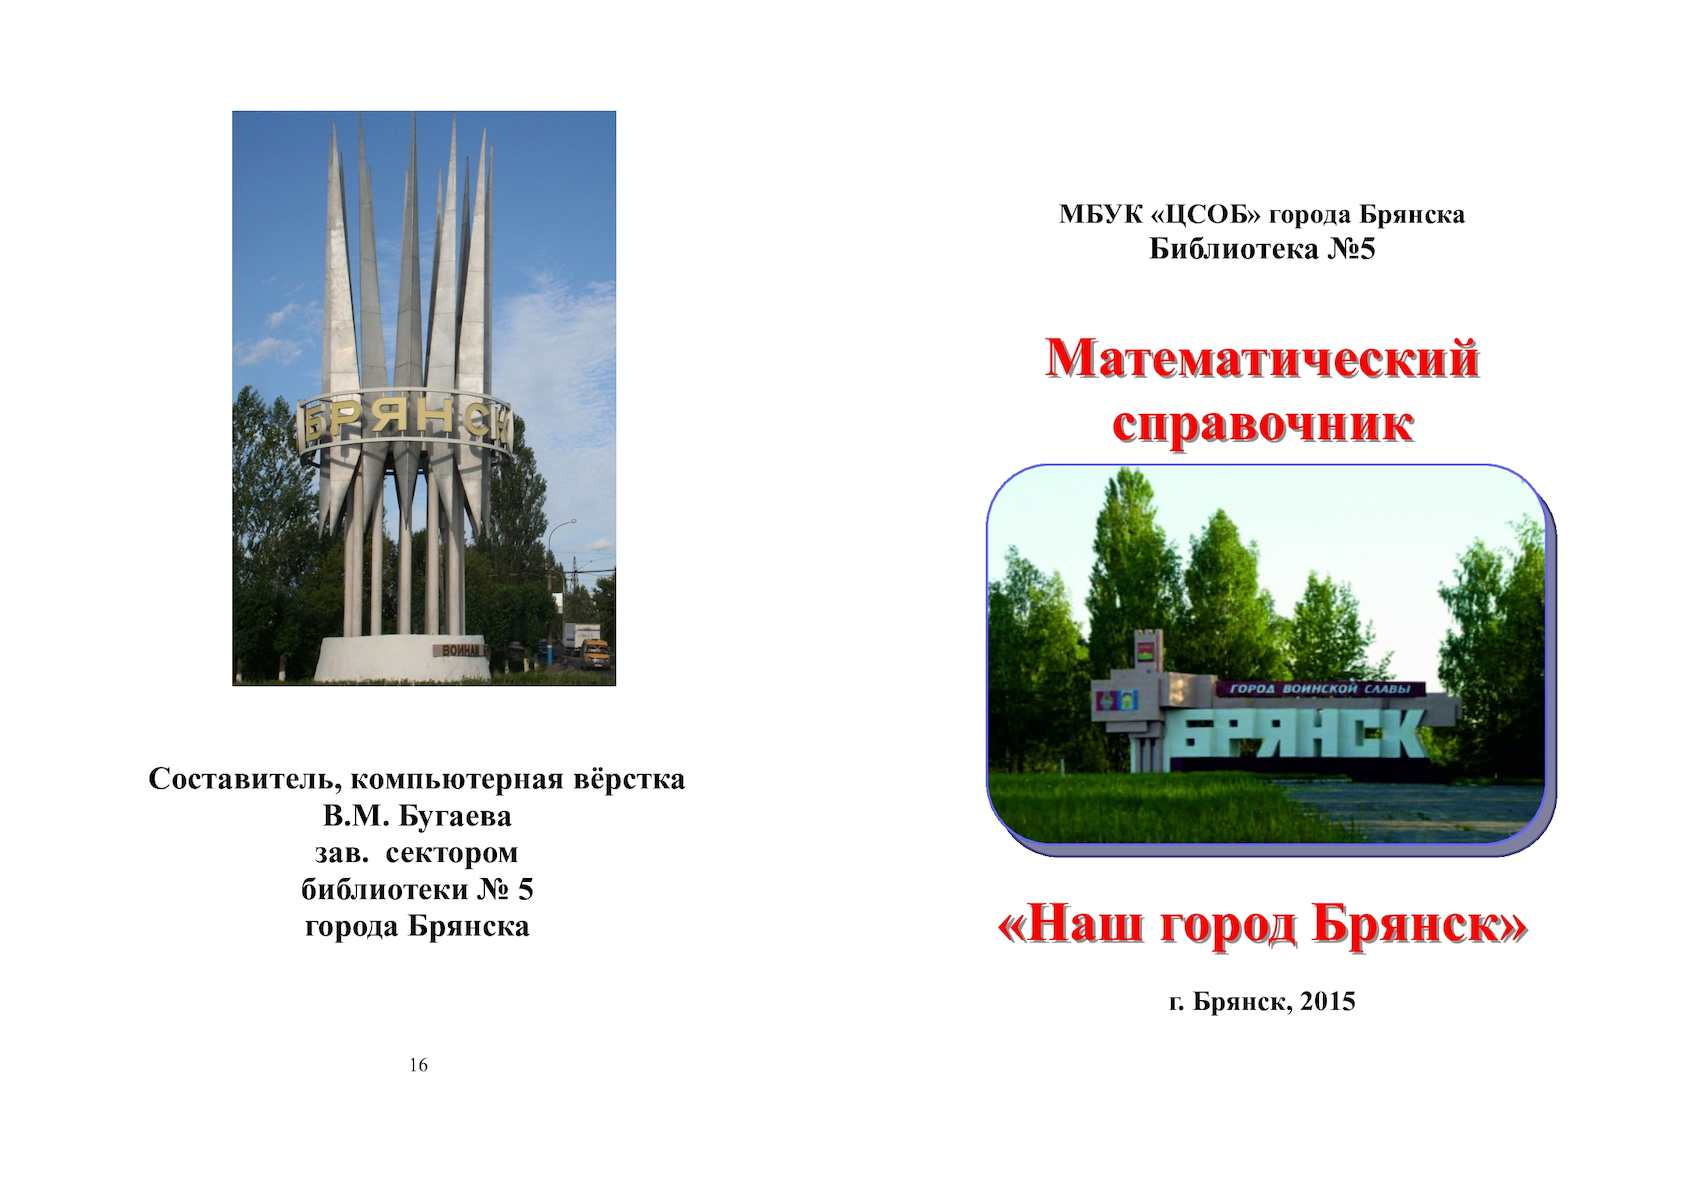 справочник телефонный брянск кредиты пенсионерам онлайн